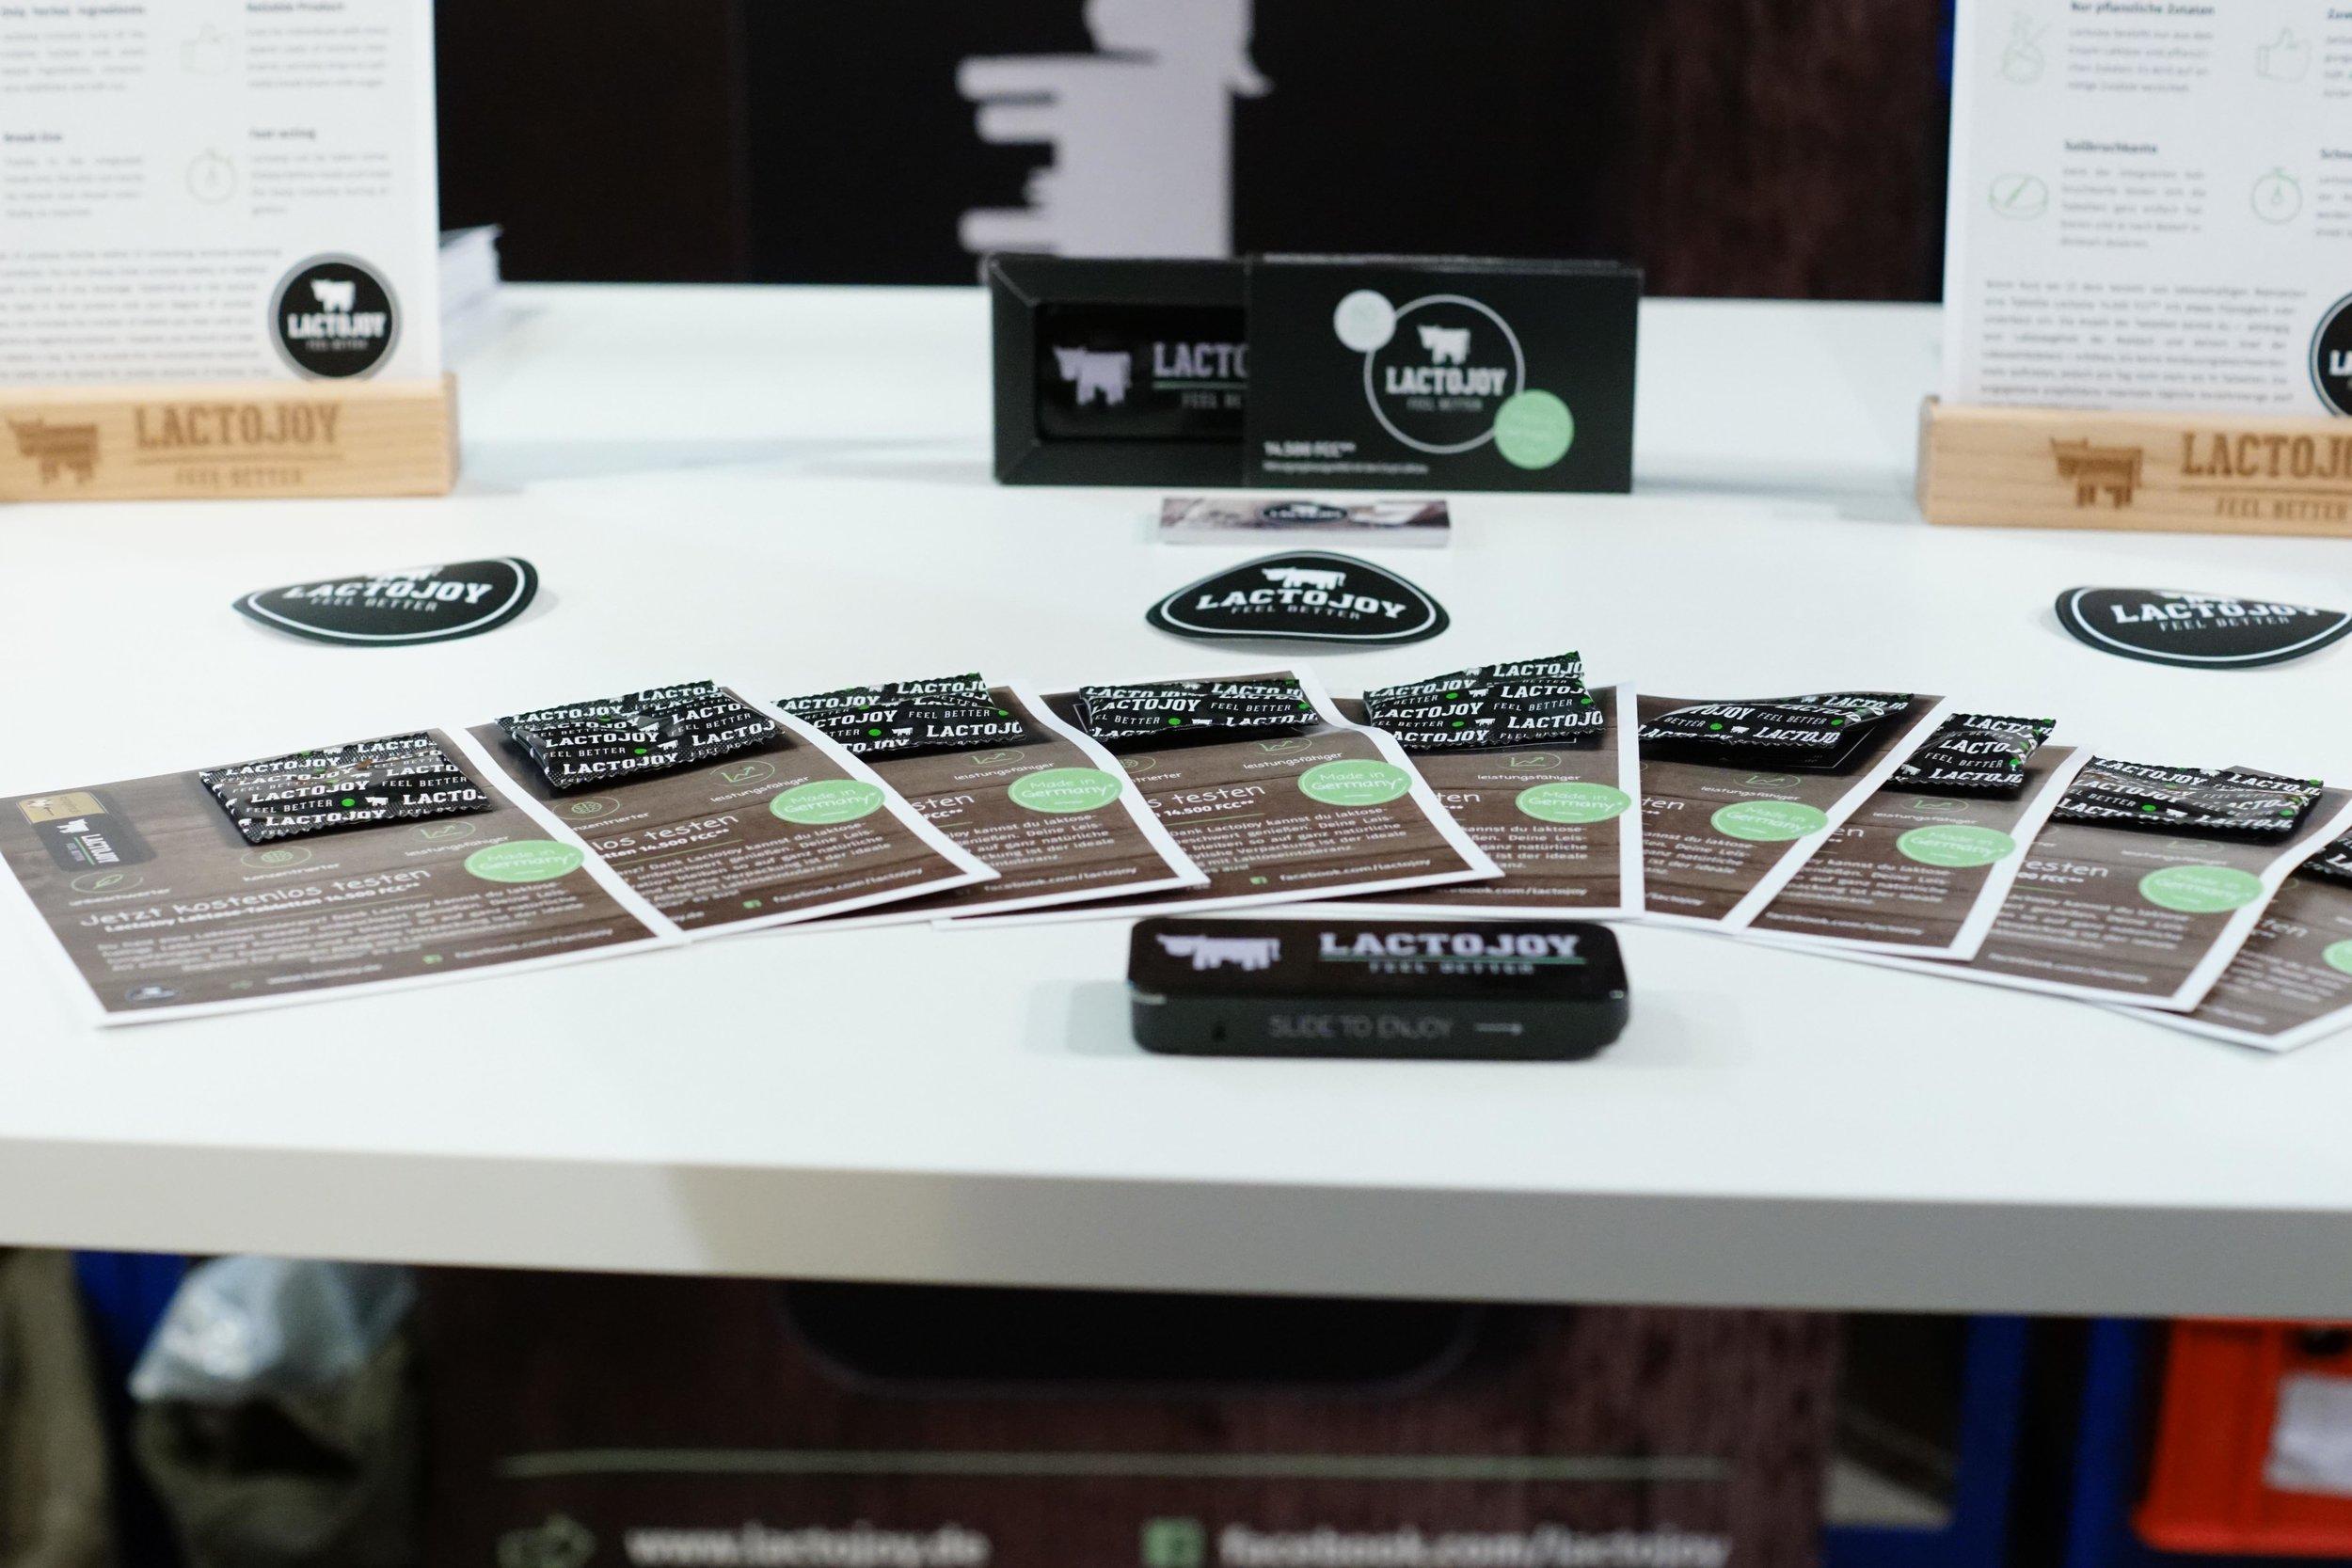 Deutsche Startups - Food und FoodTech Platform Lactojoy - Photo Courtesy of Robert Dümcke (Fitby)